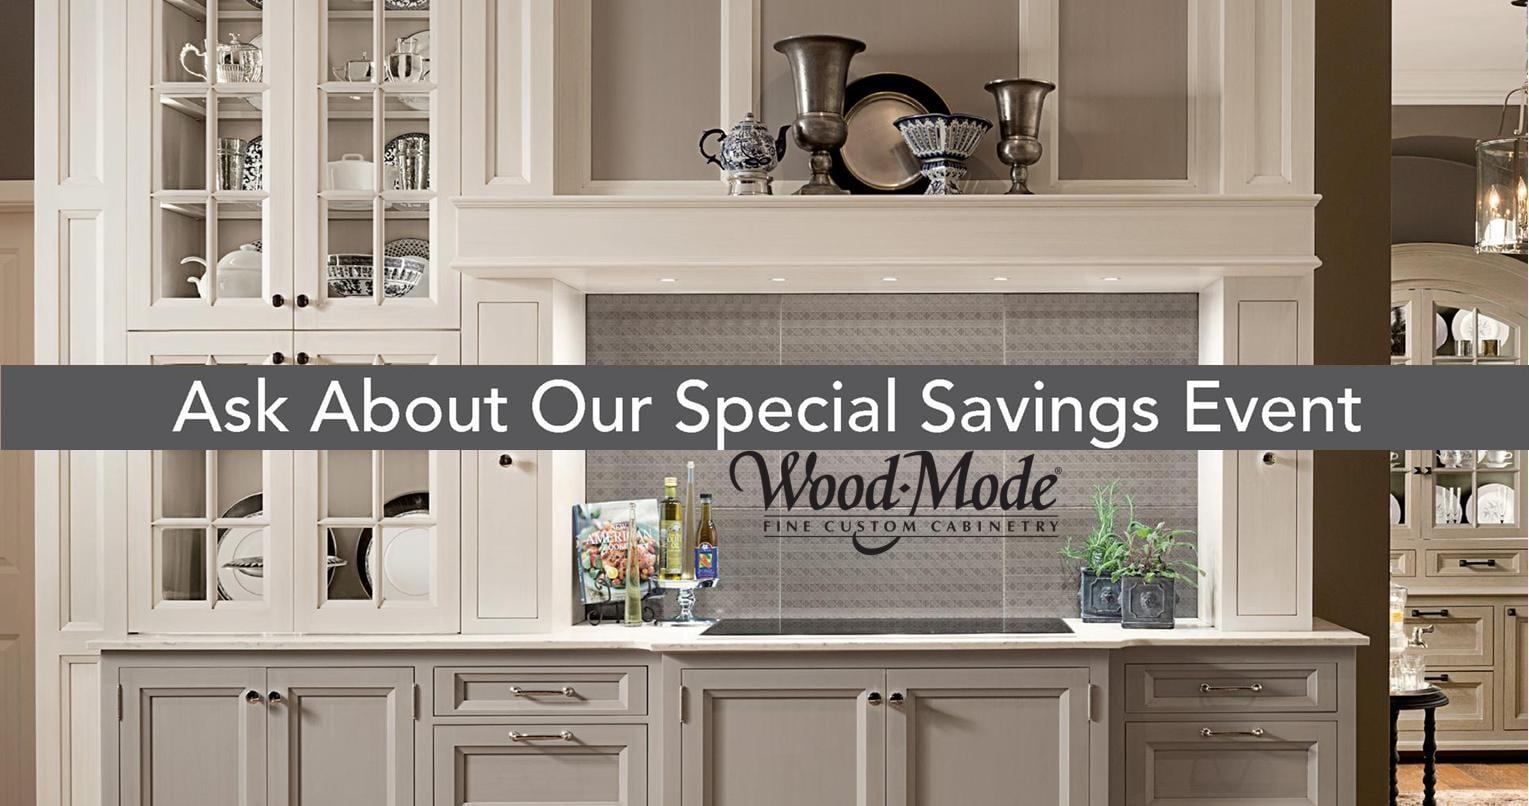 wm-special-savings-fb